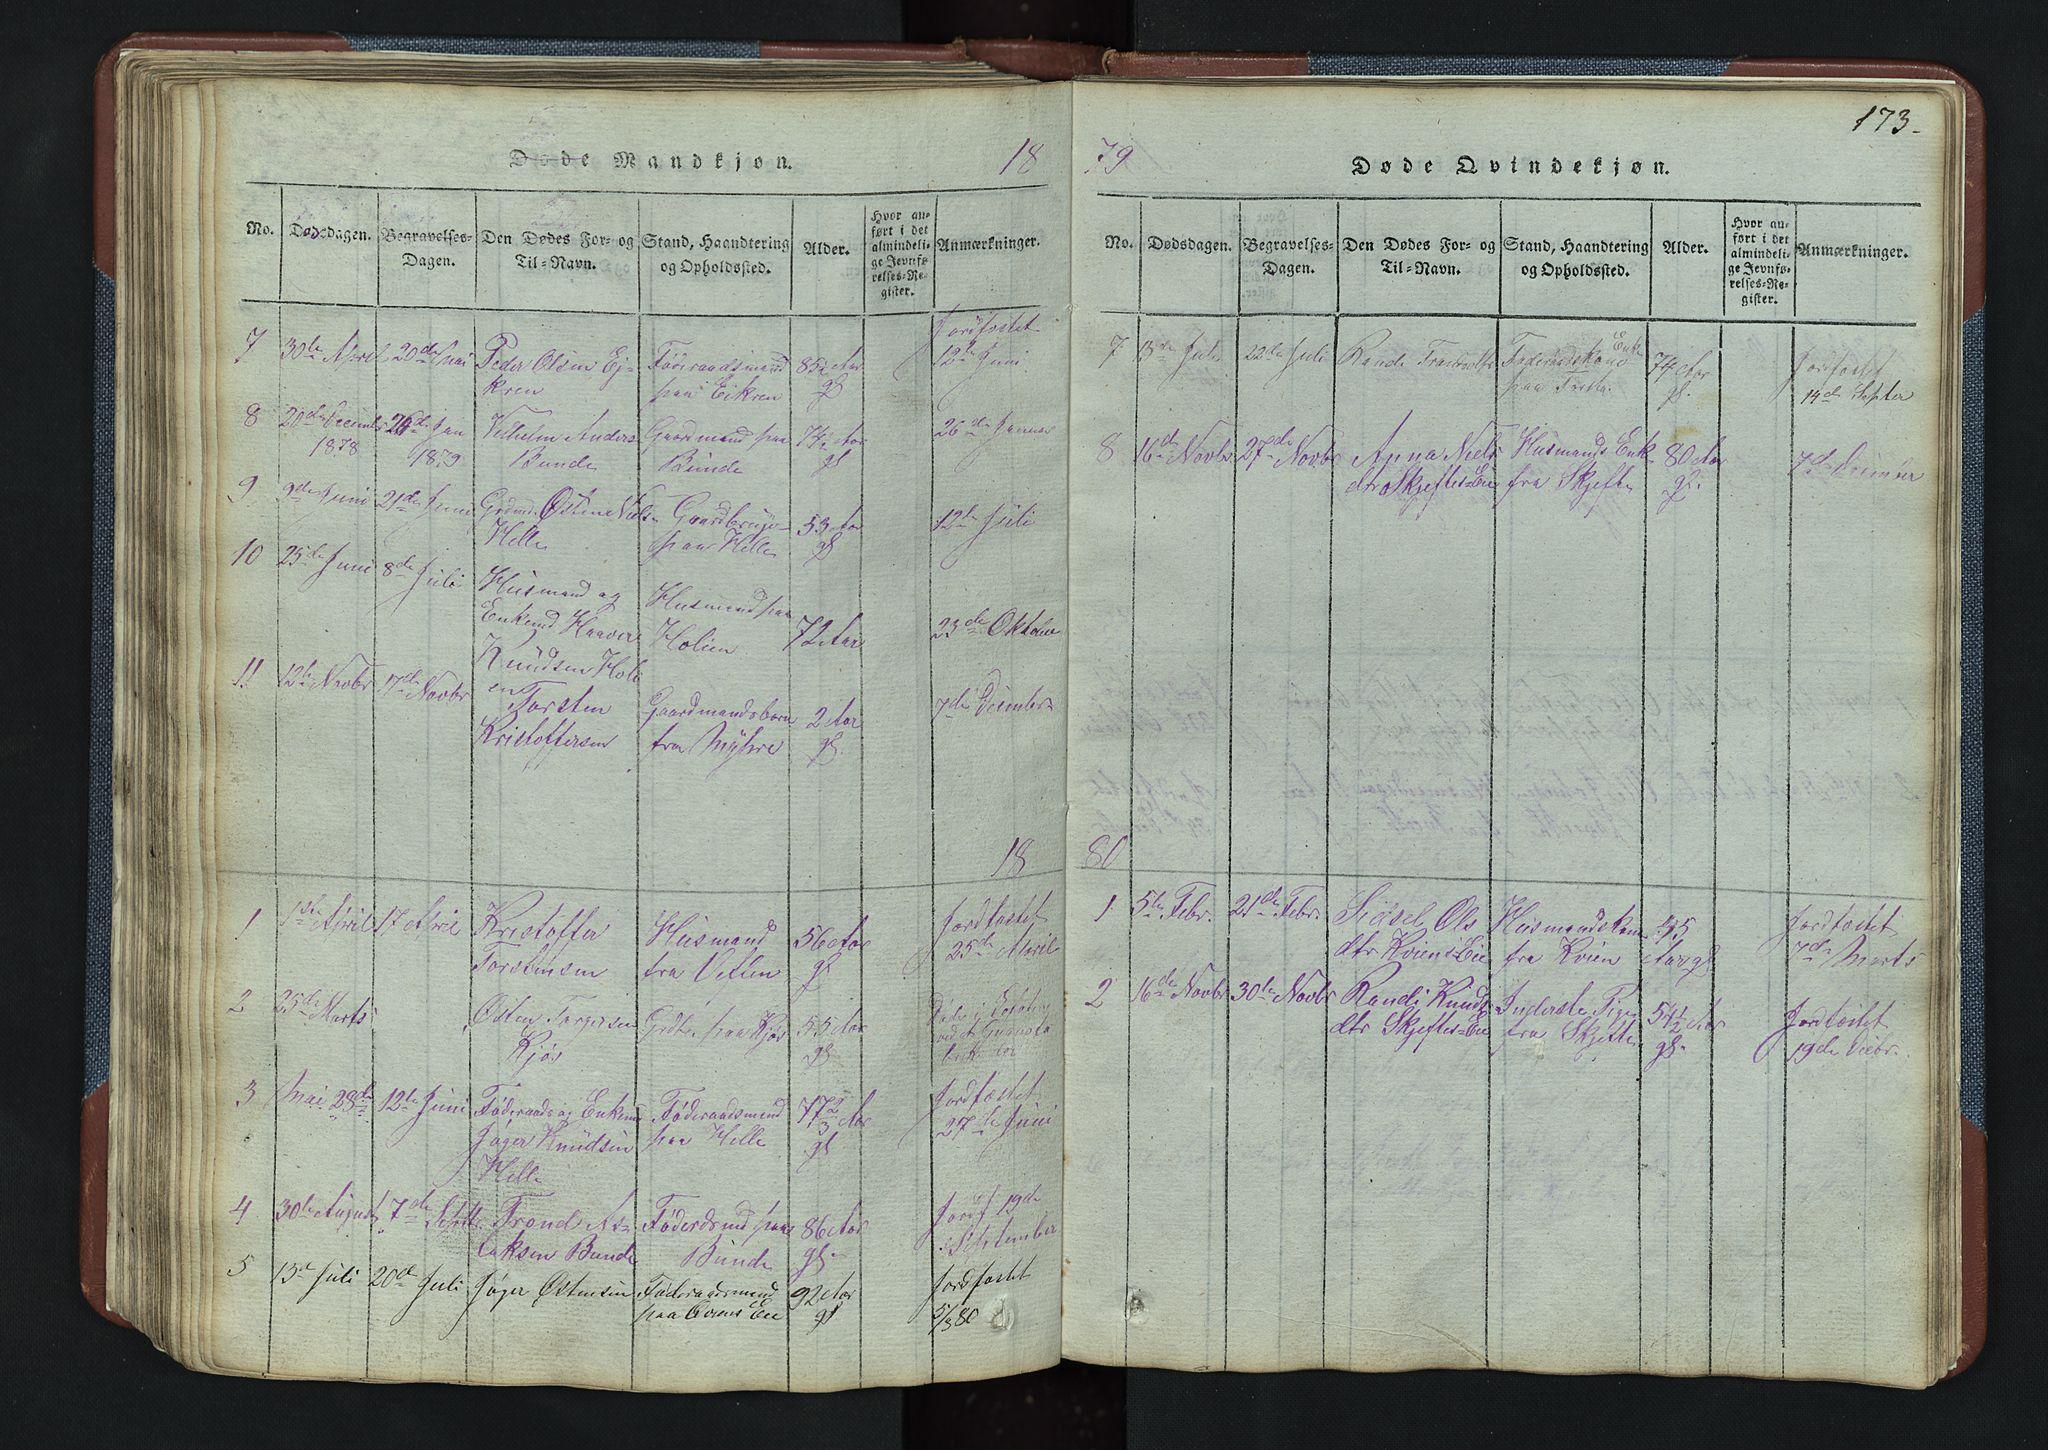 SAH, Vang prestekontor, Valdres, Klokkerbok nr. 3, 1814-1892, s. 173